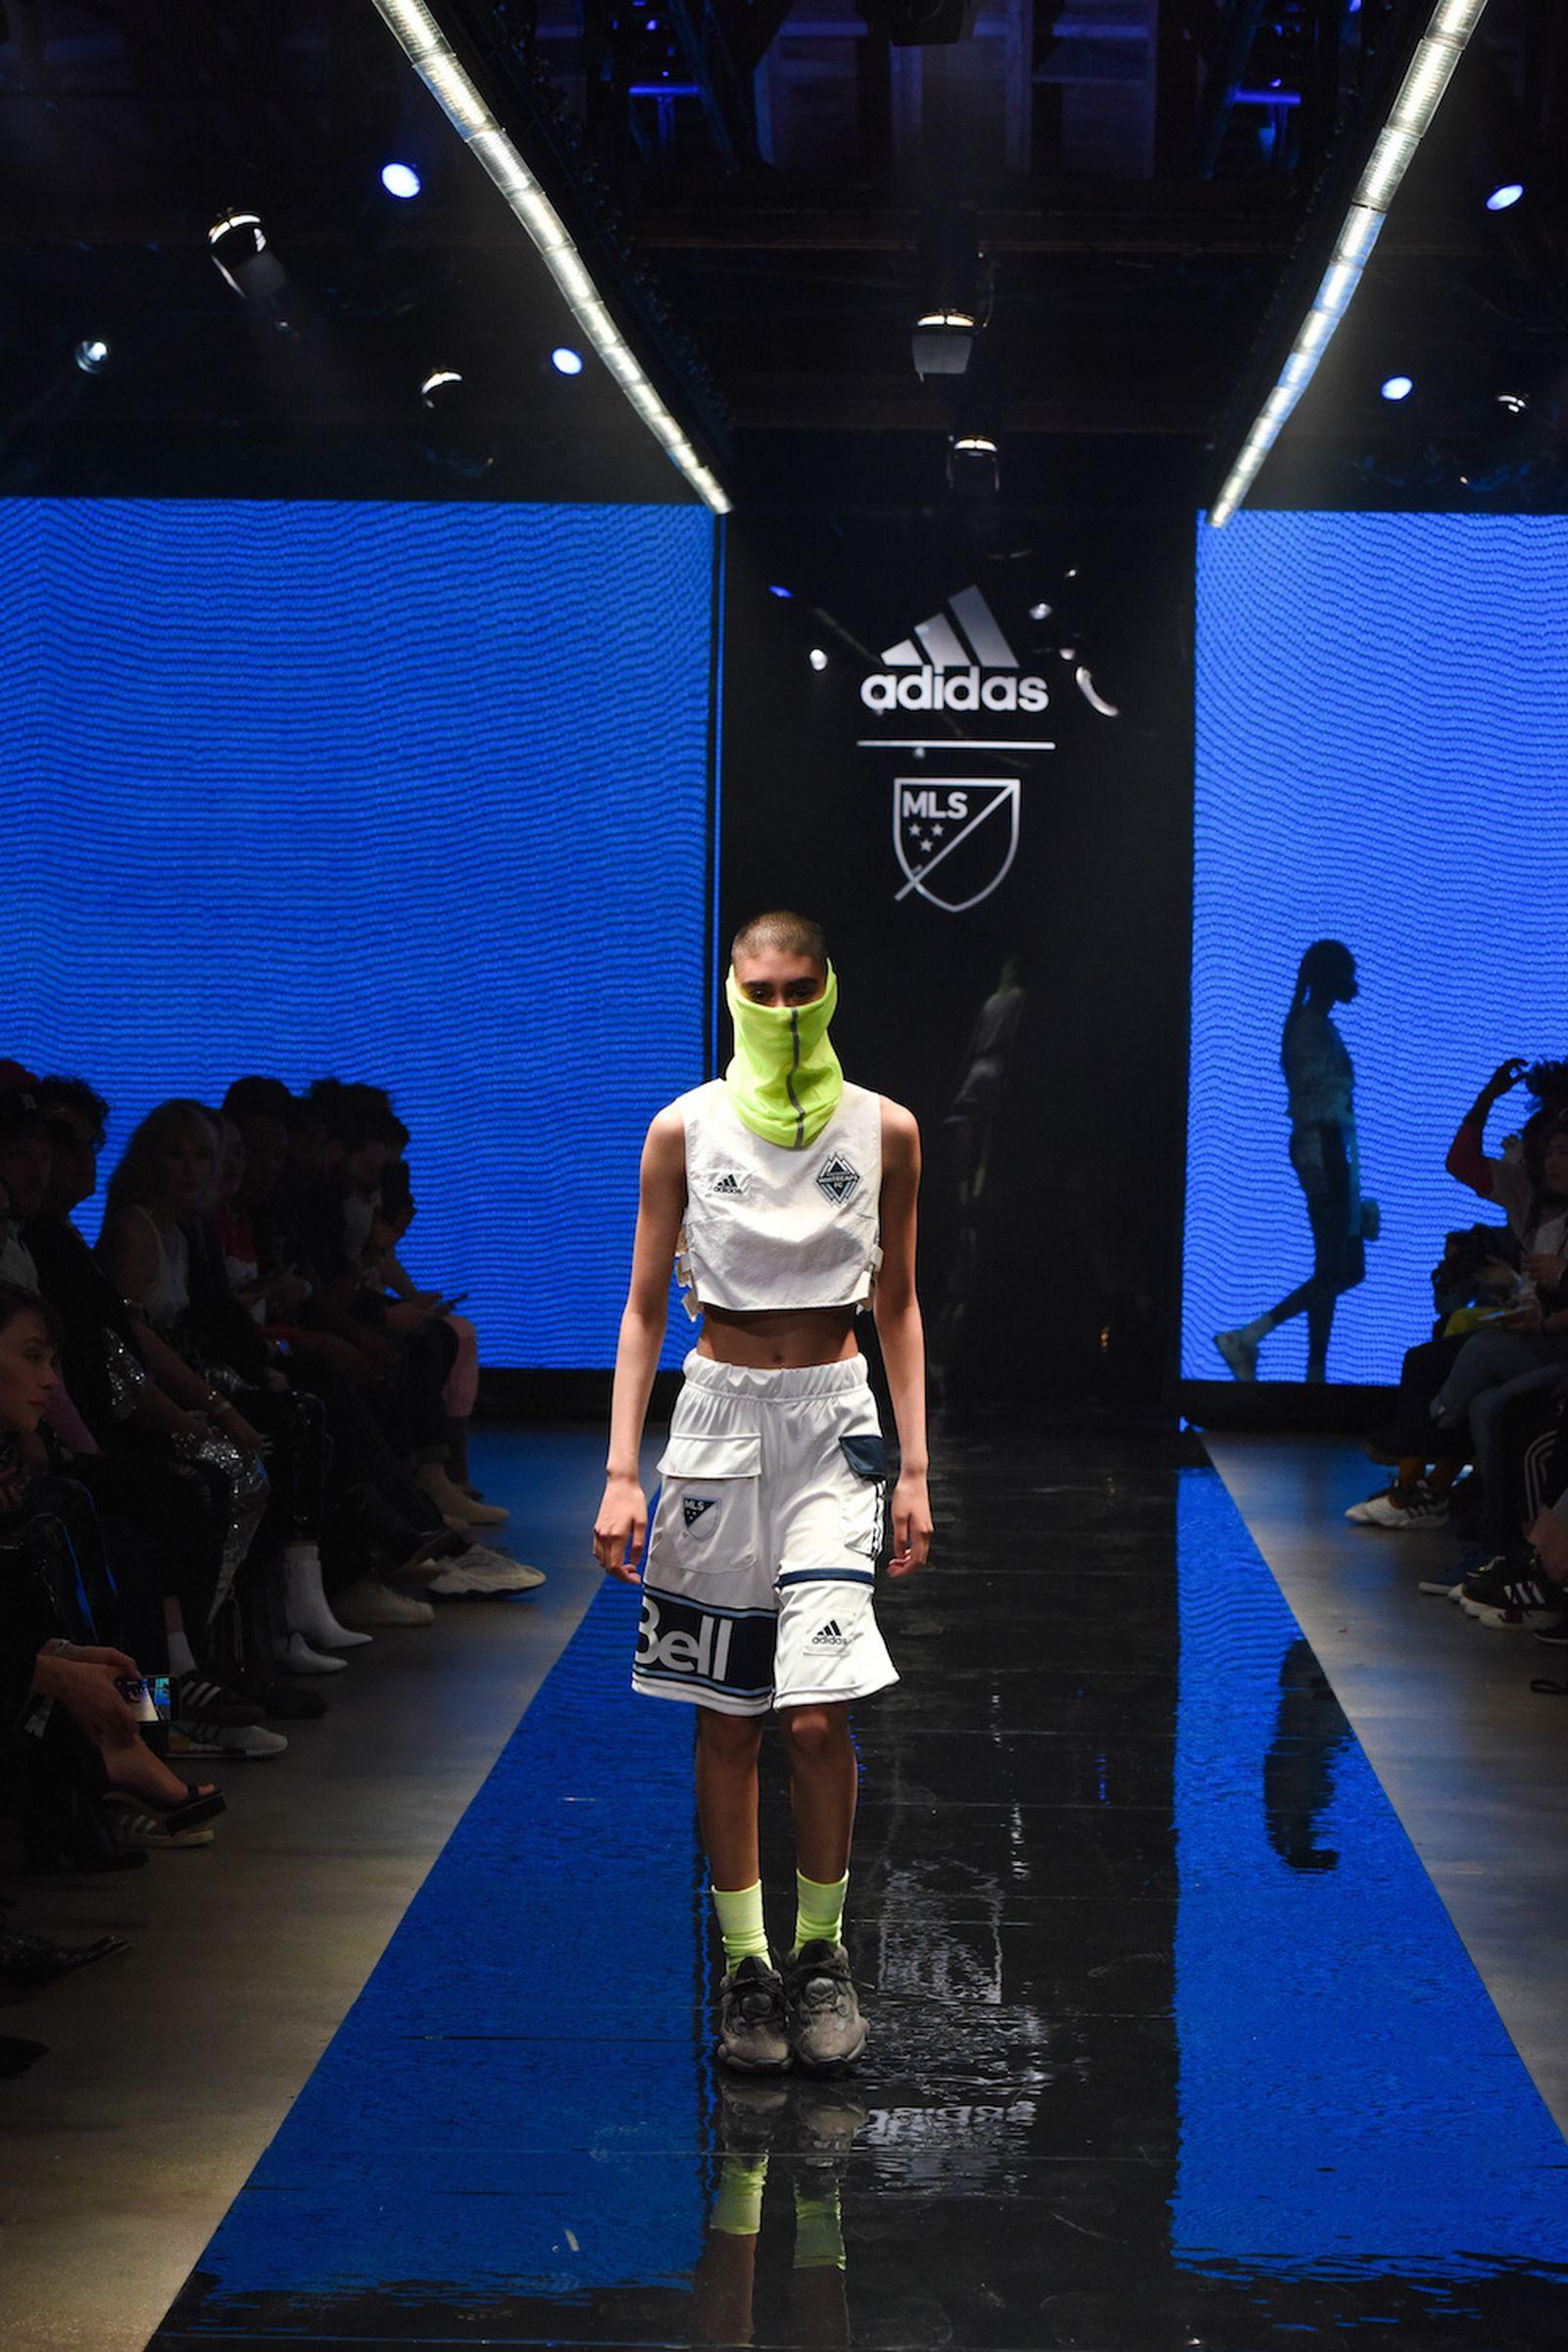 Adidas MLS SEAMS